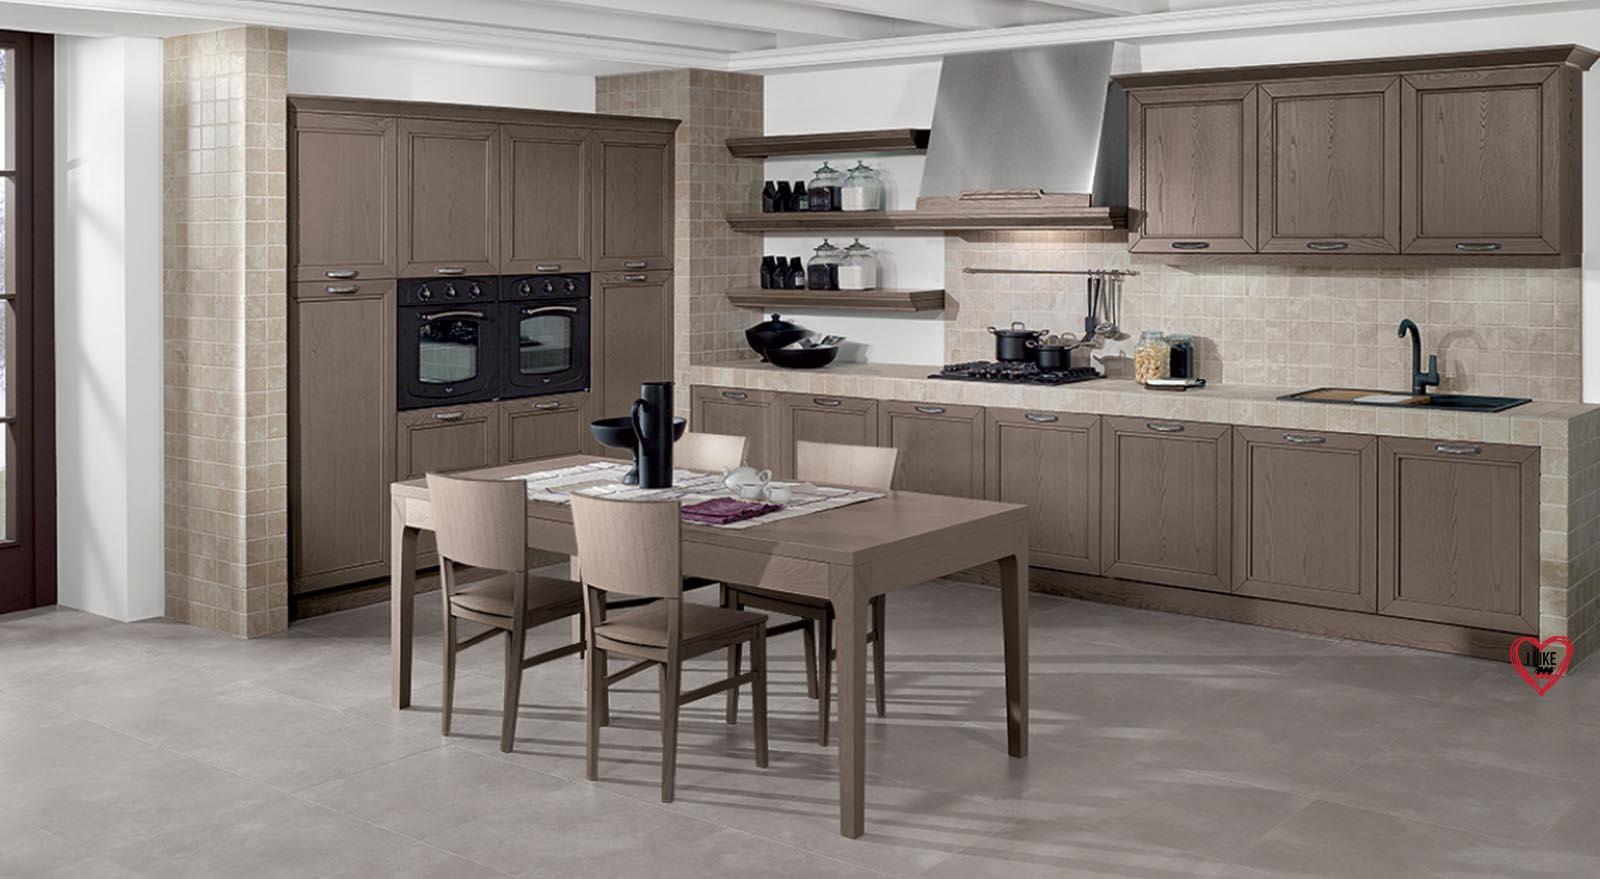 Vendita di cucine classiche a padova cucine eleganti e in - Cucine in muratura foto ...